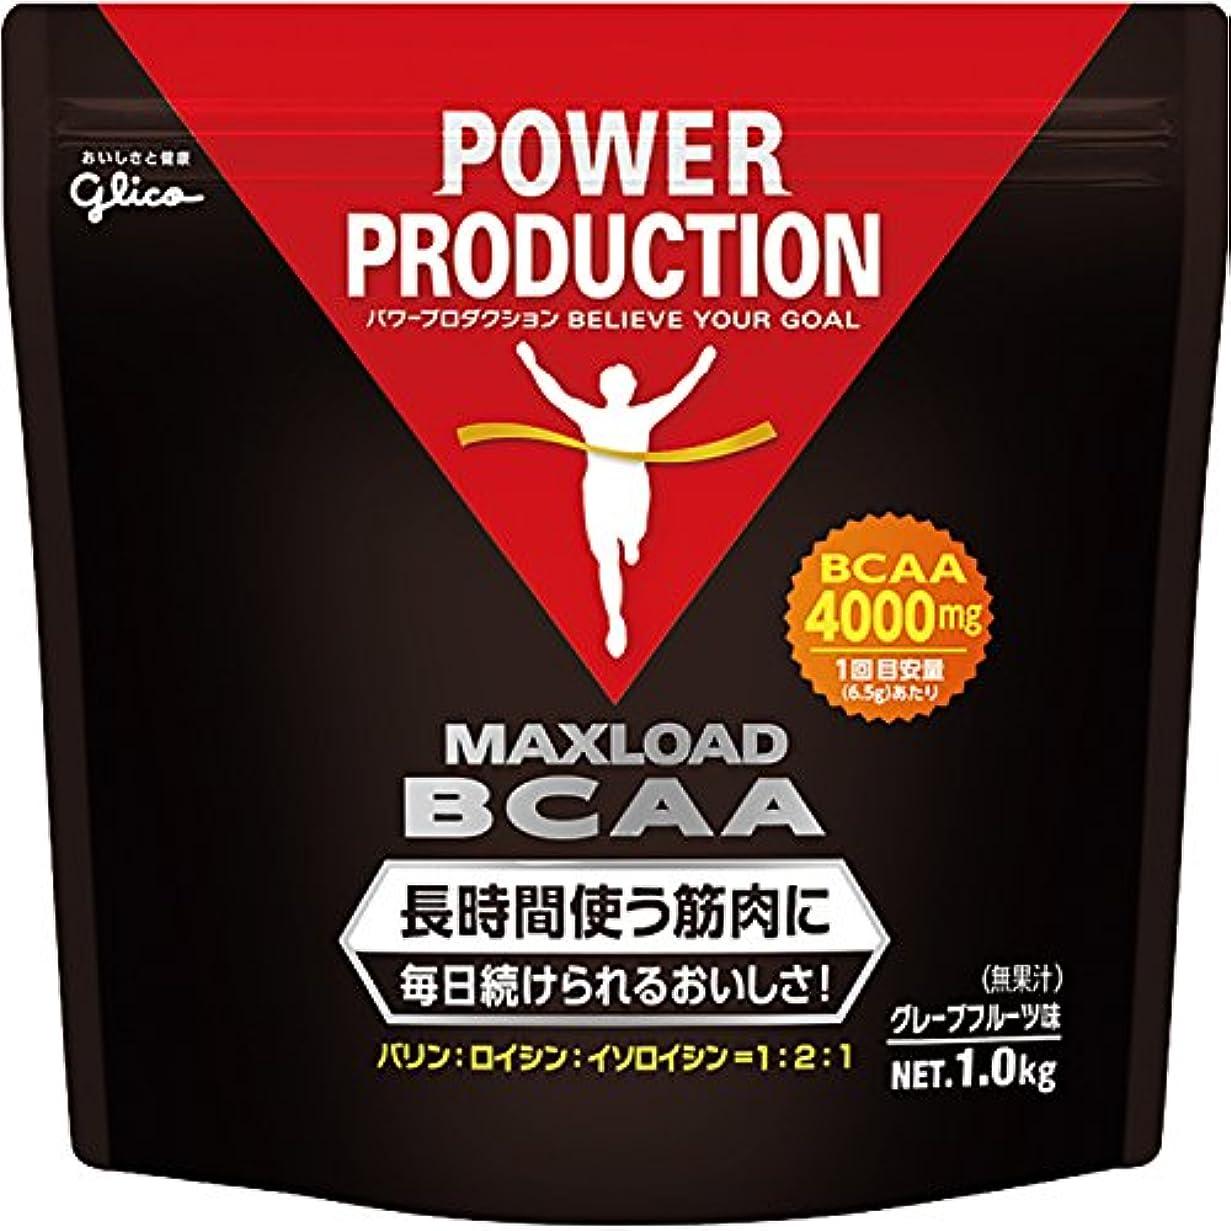 刺します失業帽子グリコ パワープロダクション マックスロード BCAA4000mg アミノ酸 グレープフルーツ風味 1kg【使用目安 約153回分】